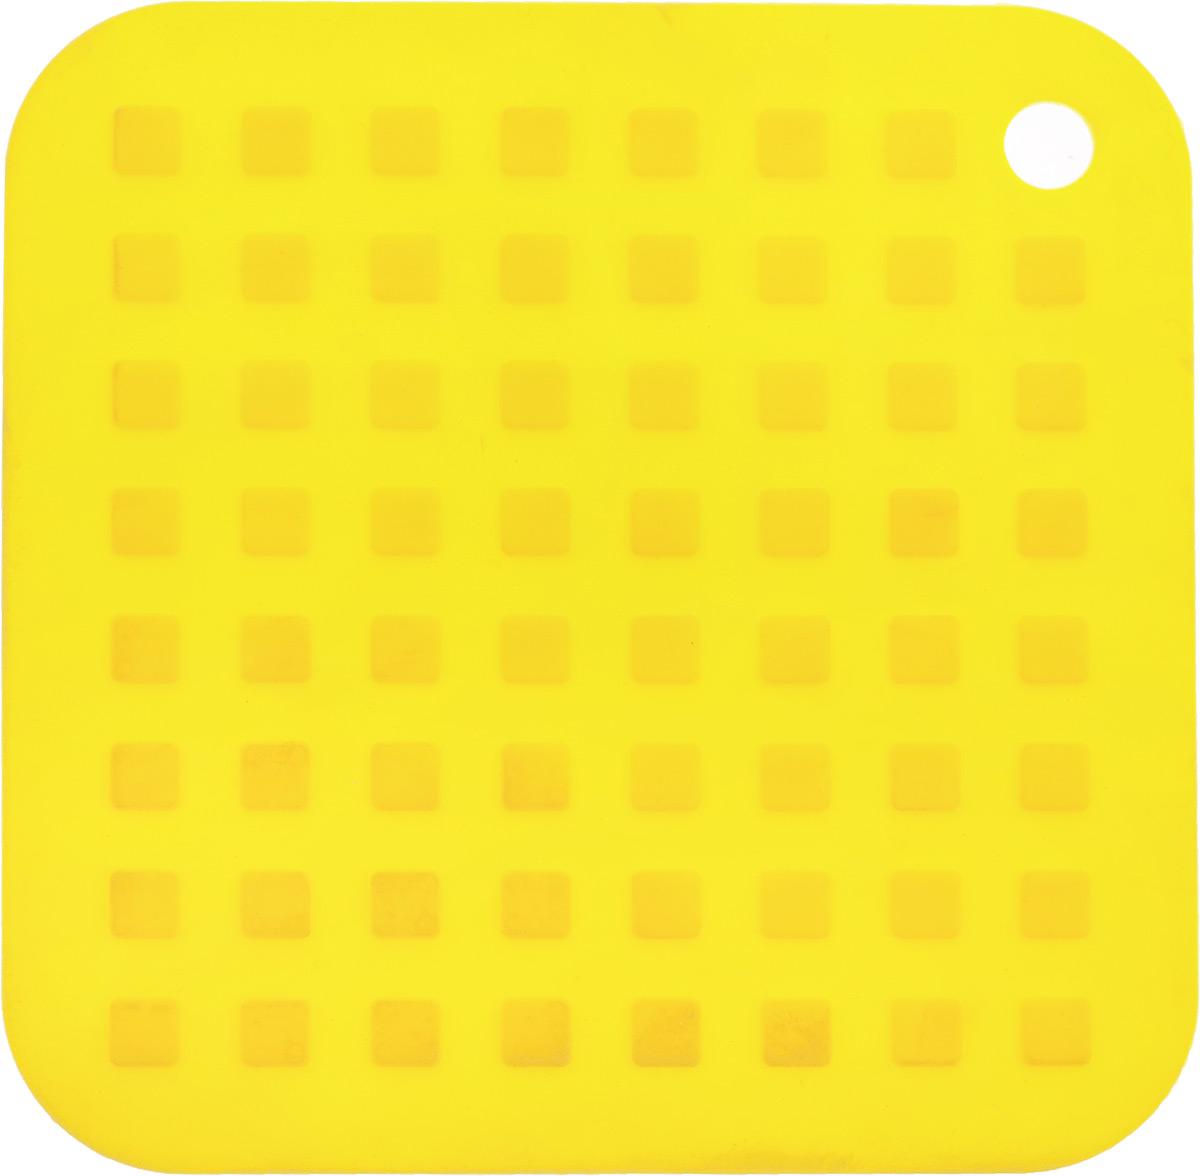 Подставка под горячее Mayer & Boch, силиконовая, цвет: желтый, 16 х 16 см22084Подставка под горячее Mayer & Boch изготовлена из силикона и оформлена рельефом в виде квадратов. Материал позволяет выдерживать высокие температуры и не скользит по поверхности стола. Каждая хозяйка знает, что подставка под горячее - это незаменимый и очень полезный аксессуар на каждой кухне. Ваш стол будет не только украшен яркой и оригинальной подставкой, но и сбережен от воздействия высоких температур.